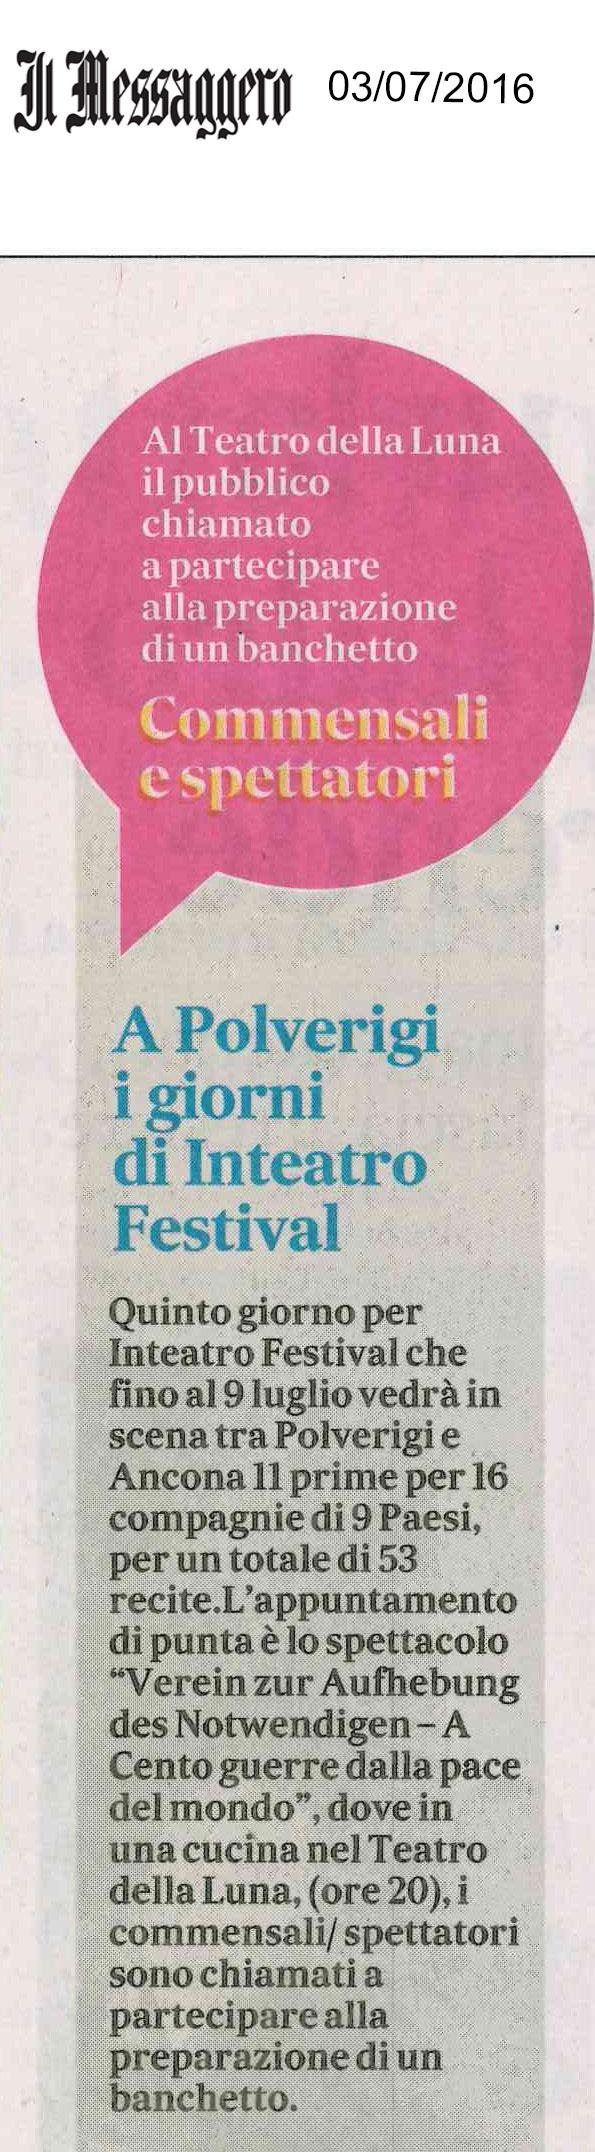 2016_07_03_-a-polverigi-di-inteatro-festival_-il-messaggero